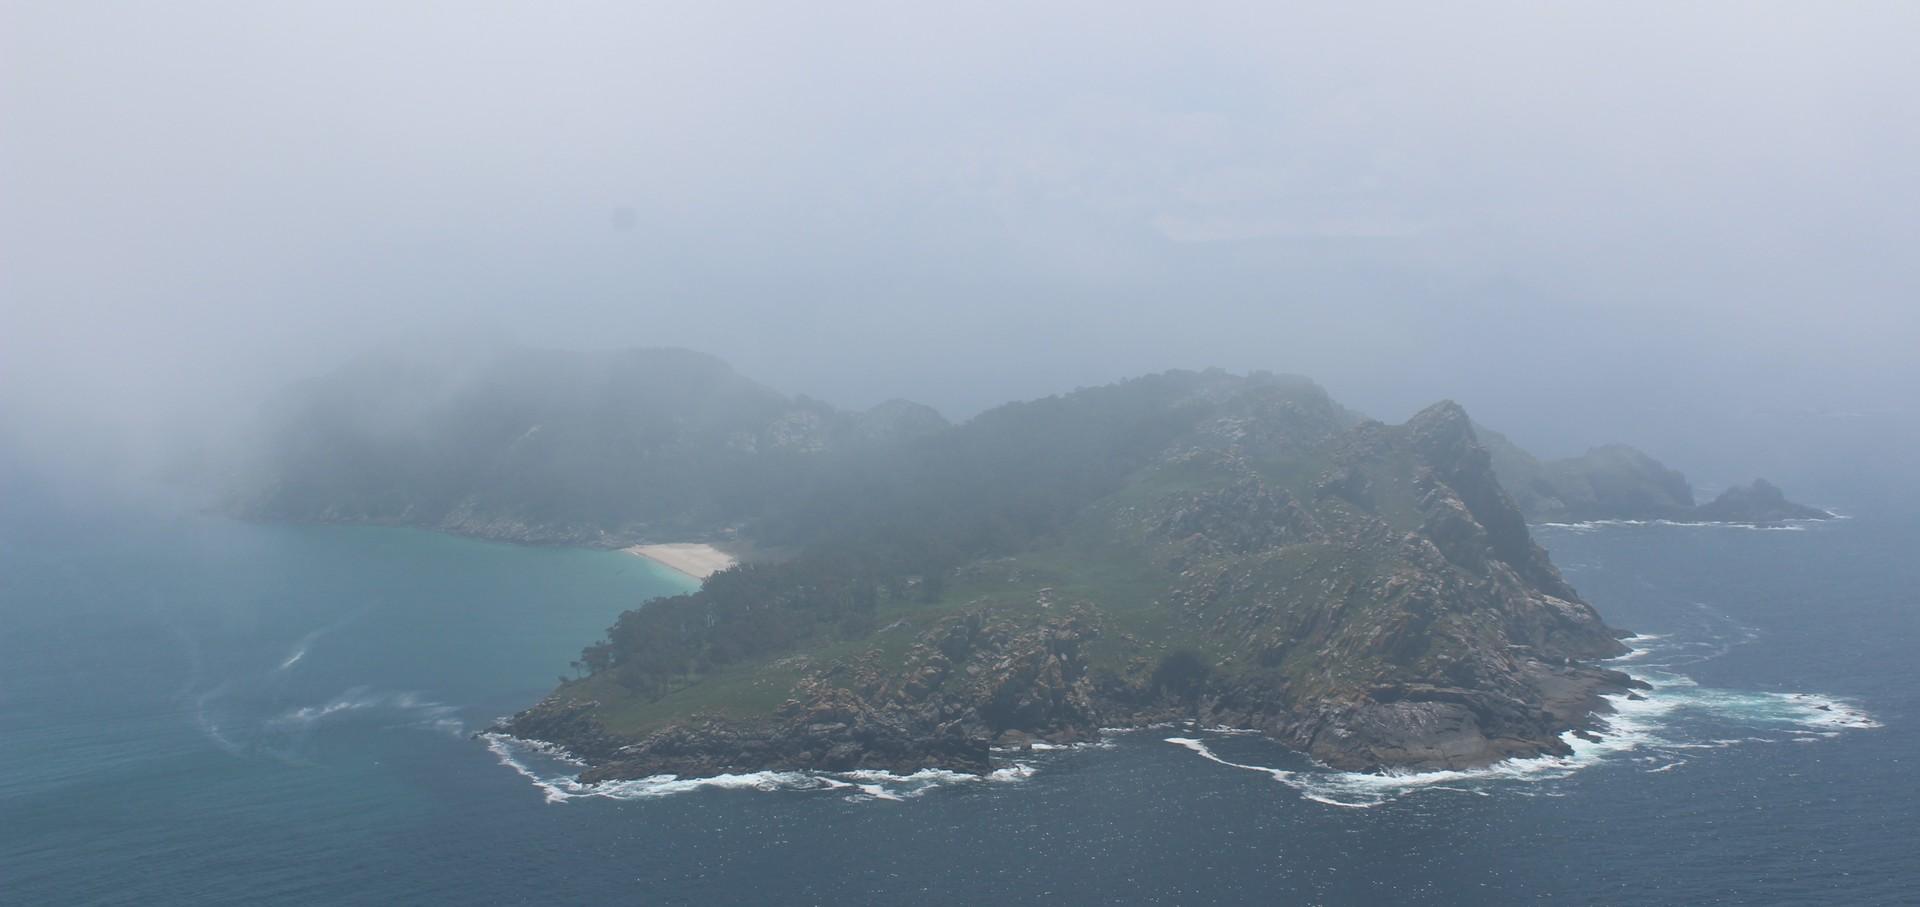 islas-ci-ruta-monte-faro-0a46faa07390e89